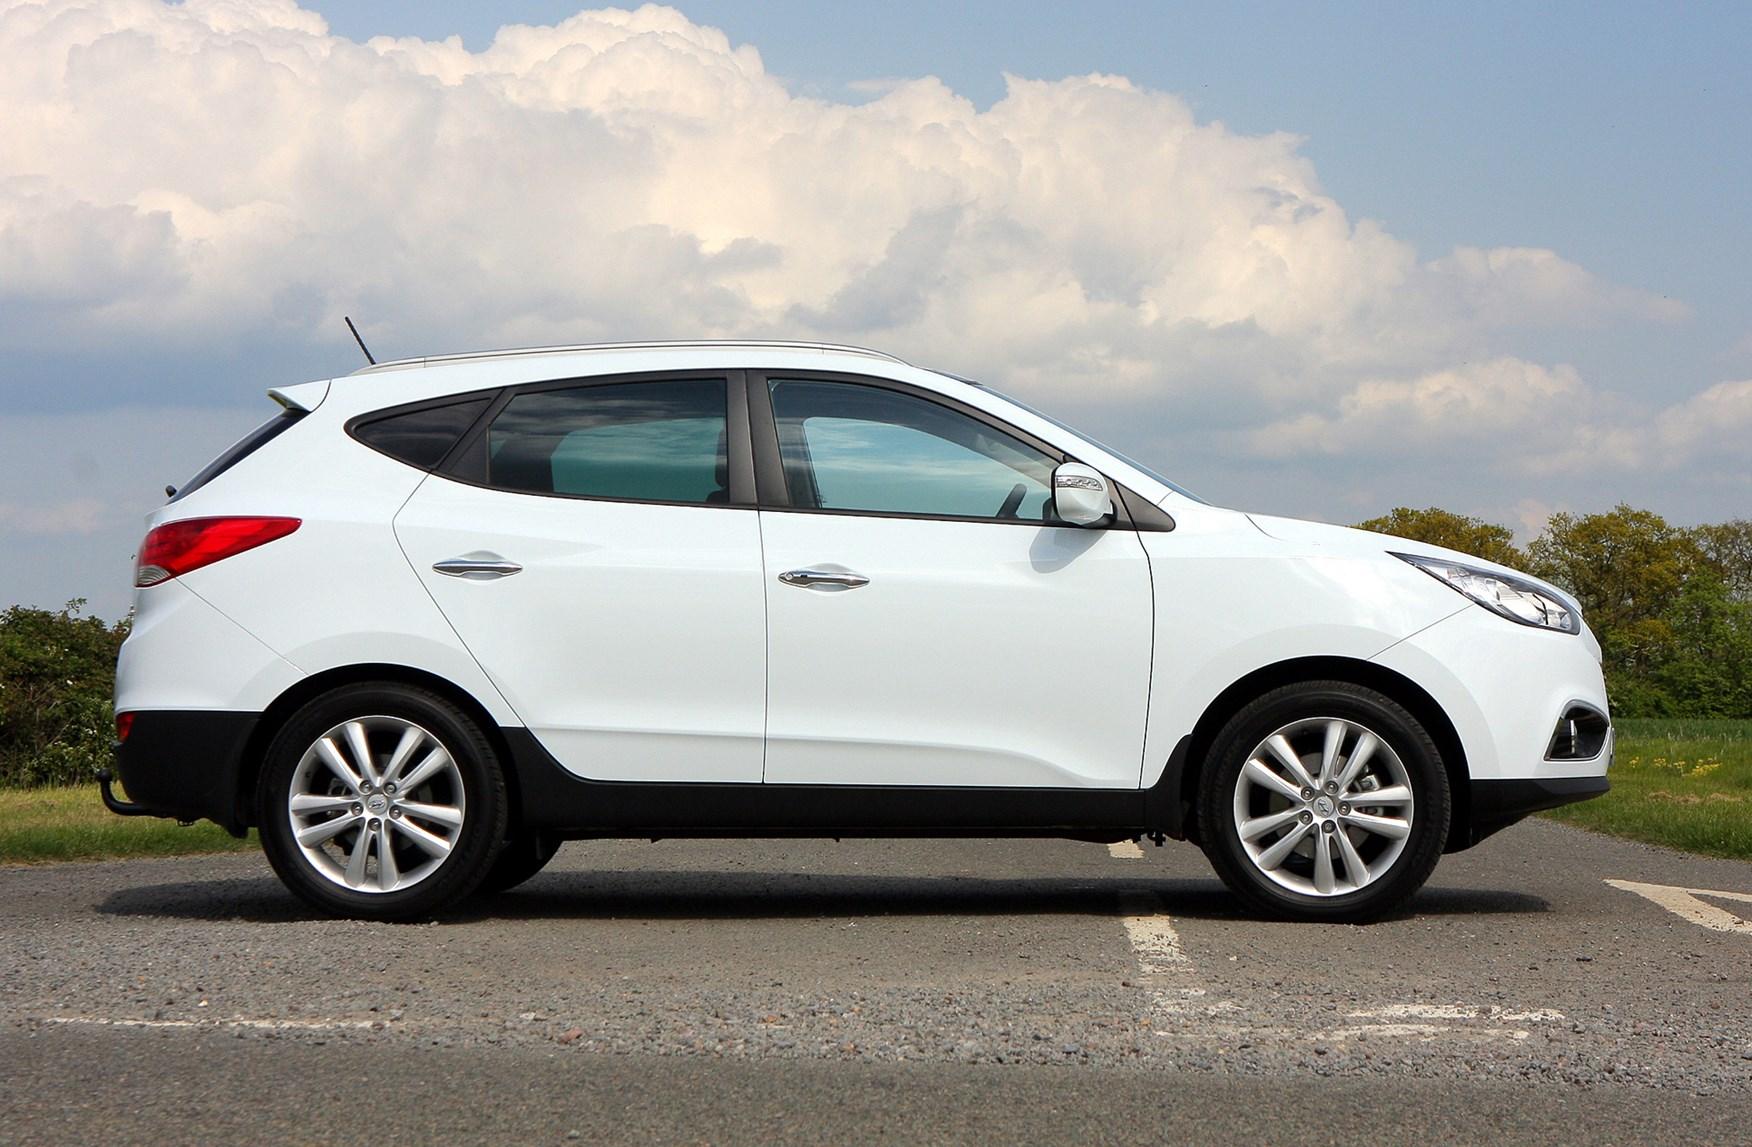 Kuga Dimensions >> Hyundai ix35 Estate Review (2010 - 2015) | Parkers